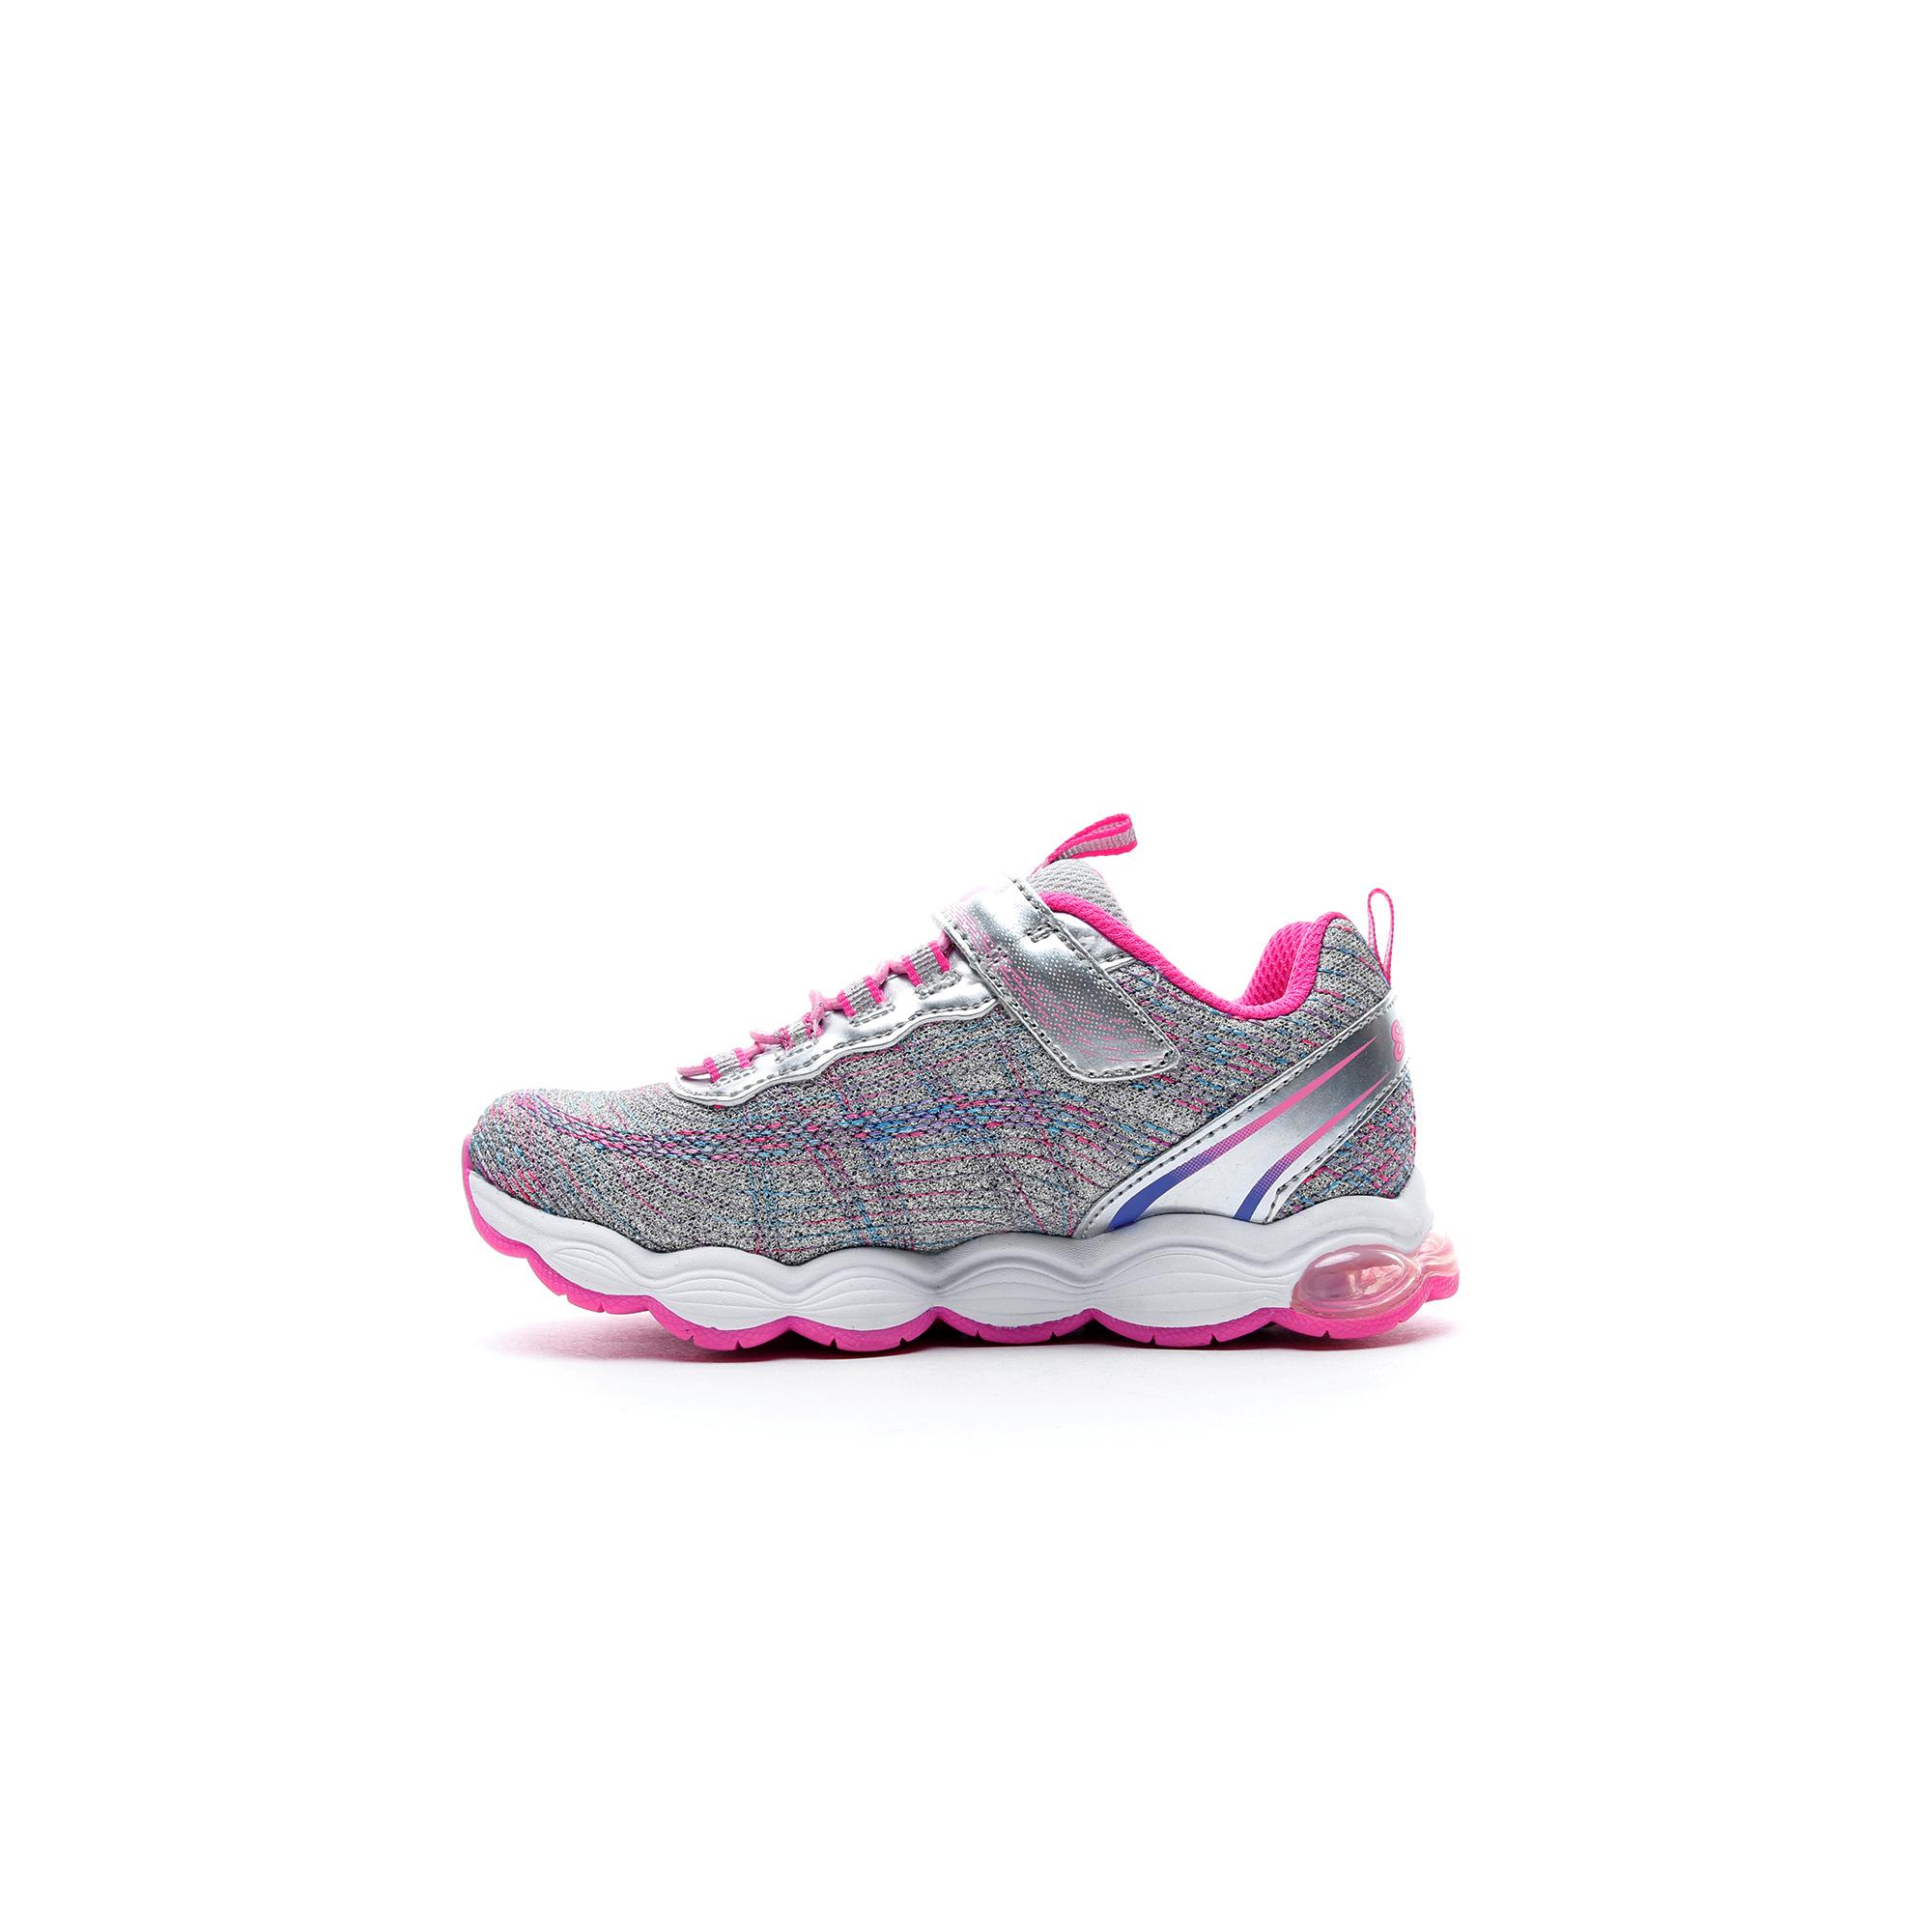 Skechers Air Lites Işıklı Kız Çocuk Gri-Pembe Spor Ayakkabı